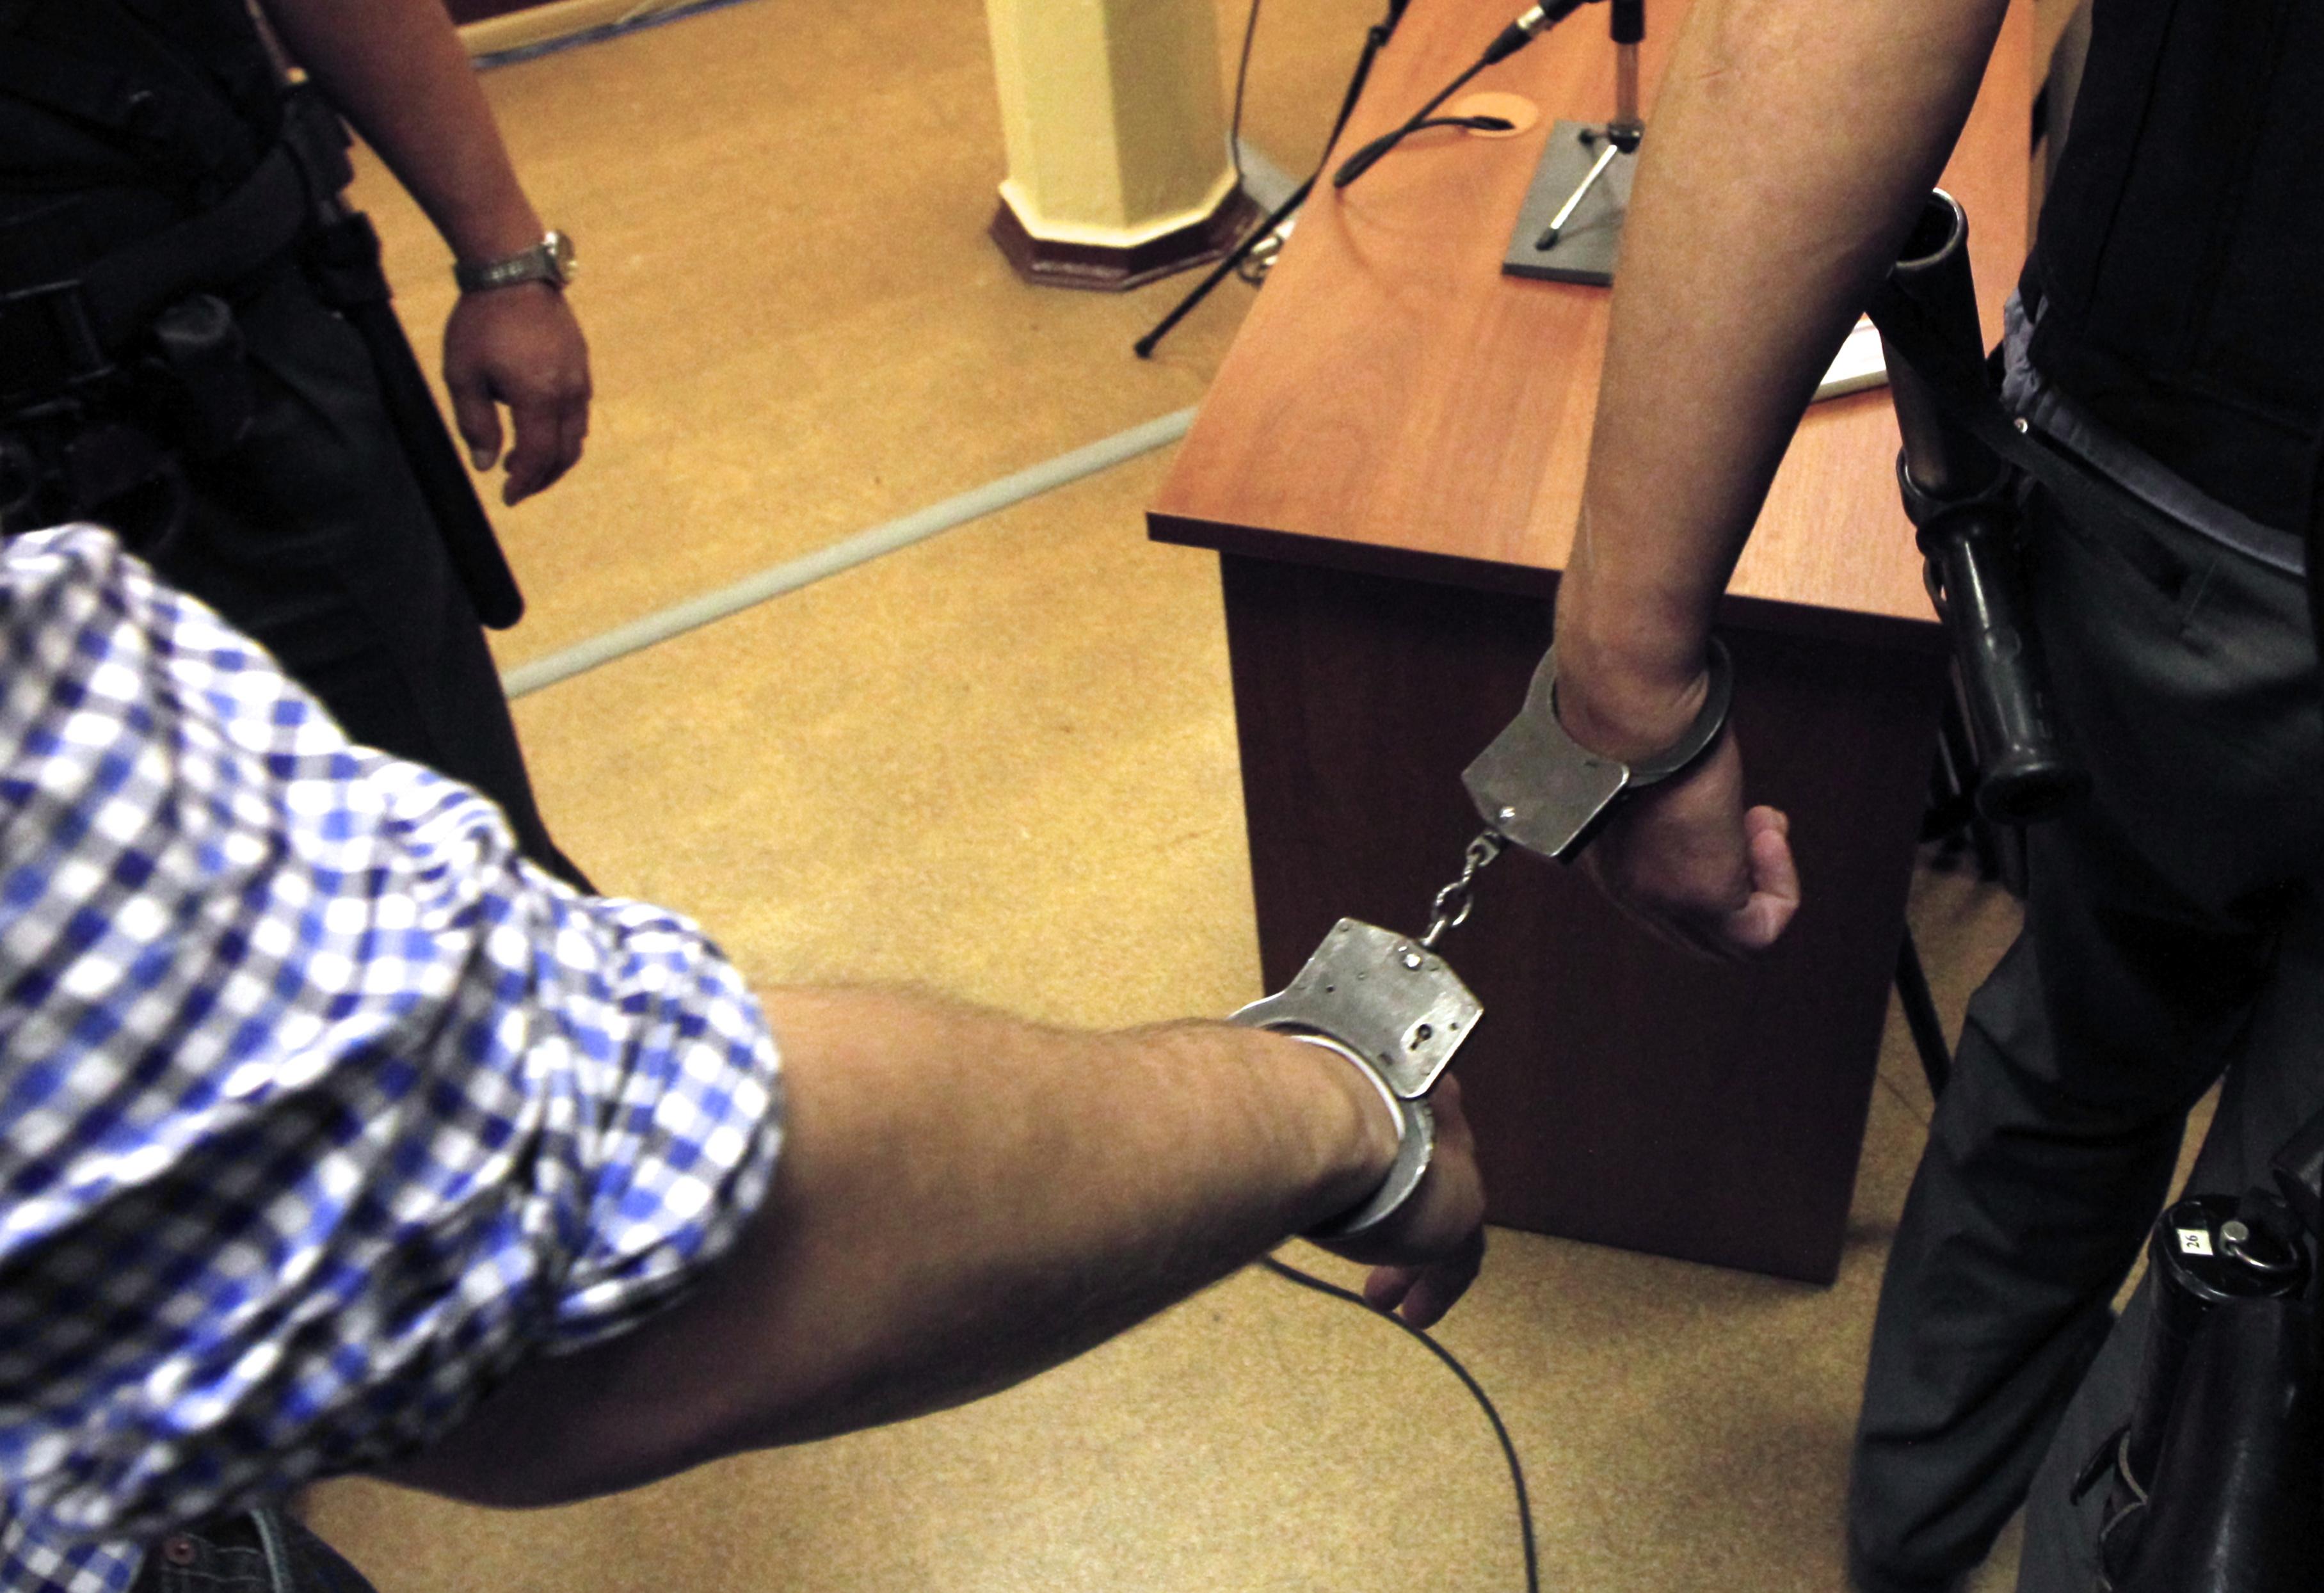 Смотреть трахну заключенную, Охранник трахает заключенную в тюрьме порно видео 3 фотография